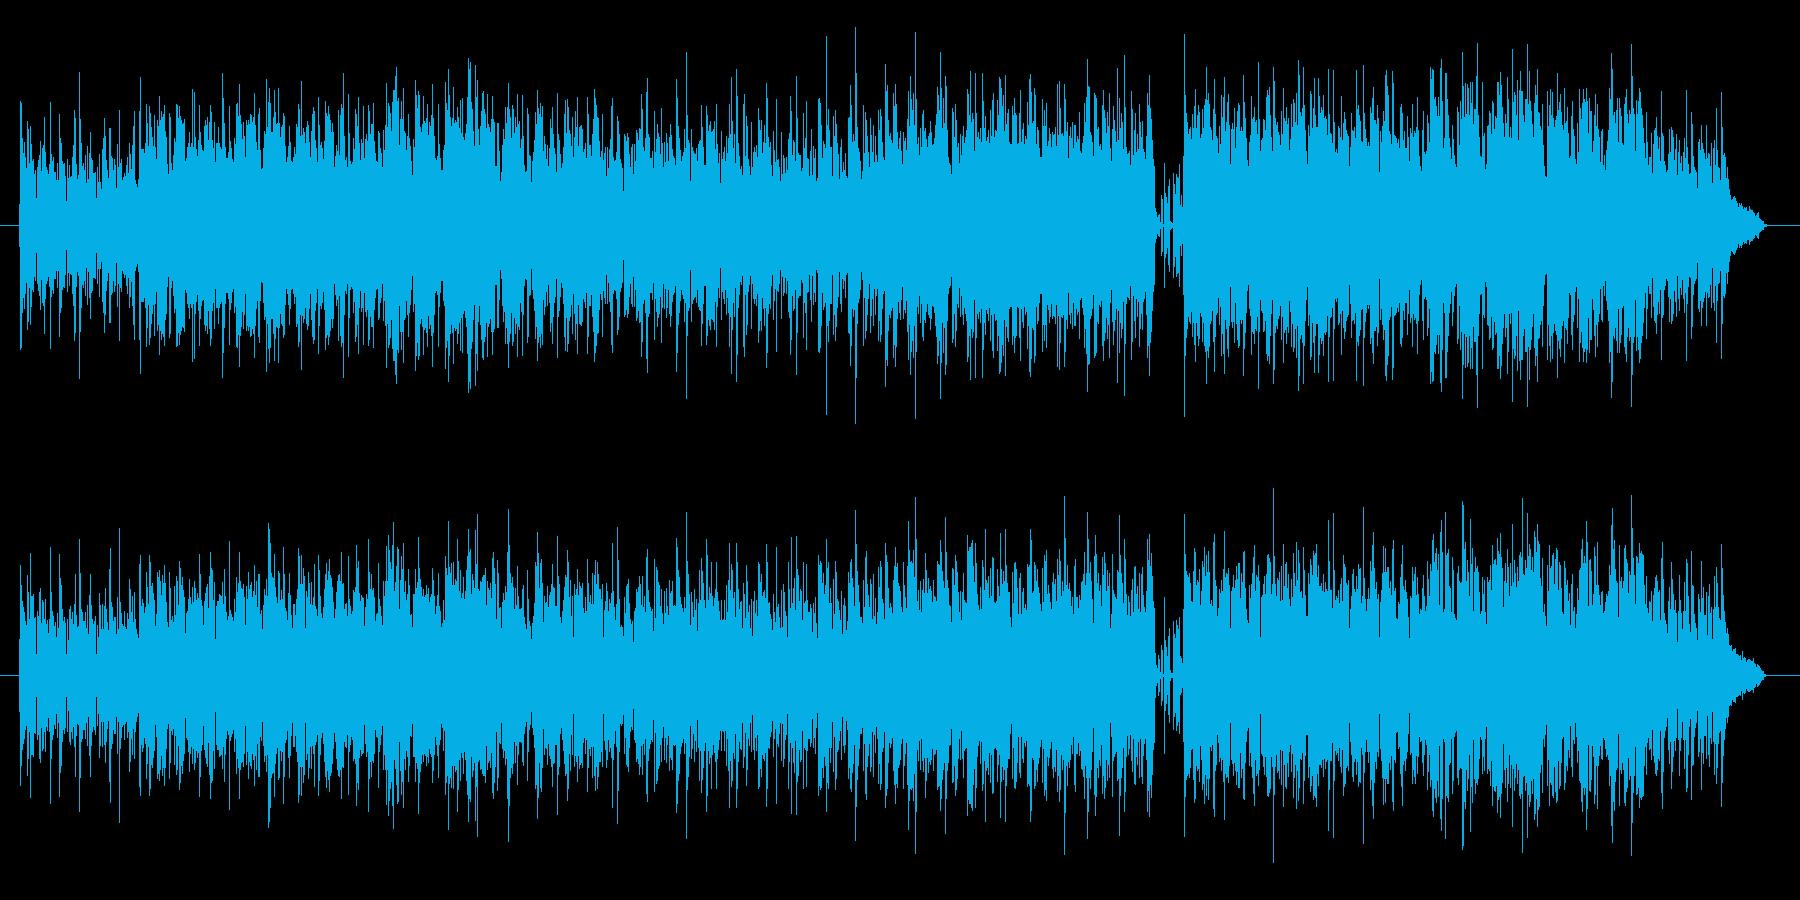 まどろみと爽やかさを併せ持つサックス曲の再生済みの波形